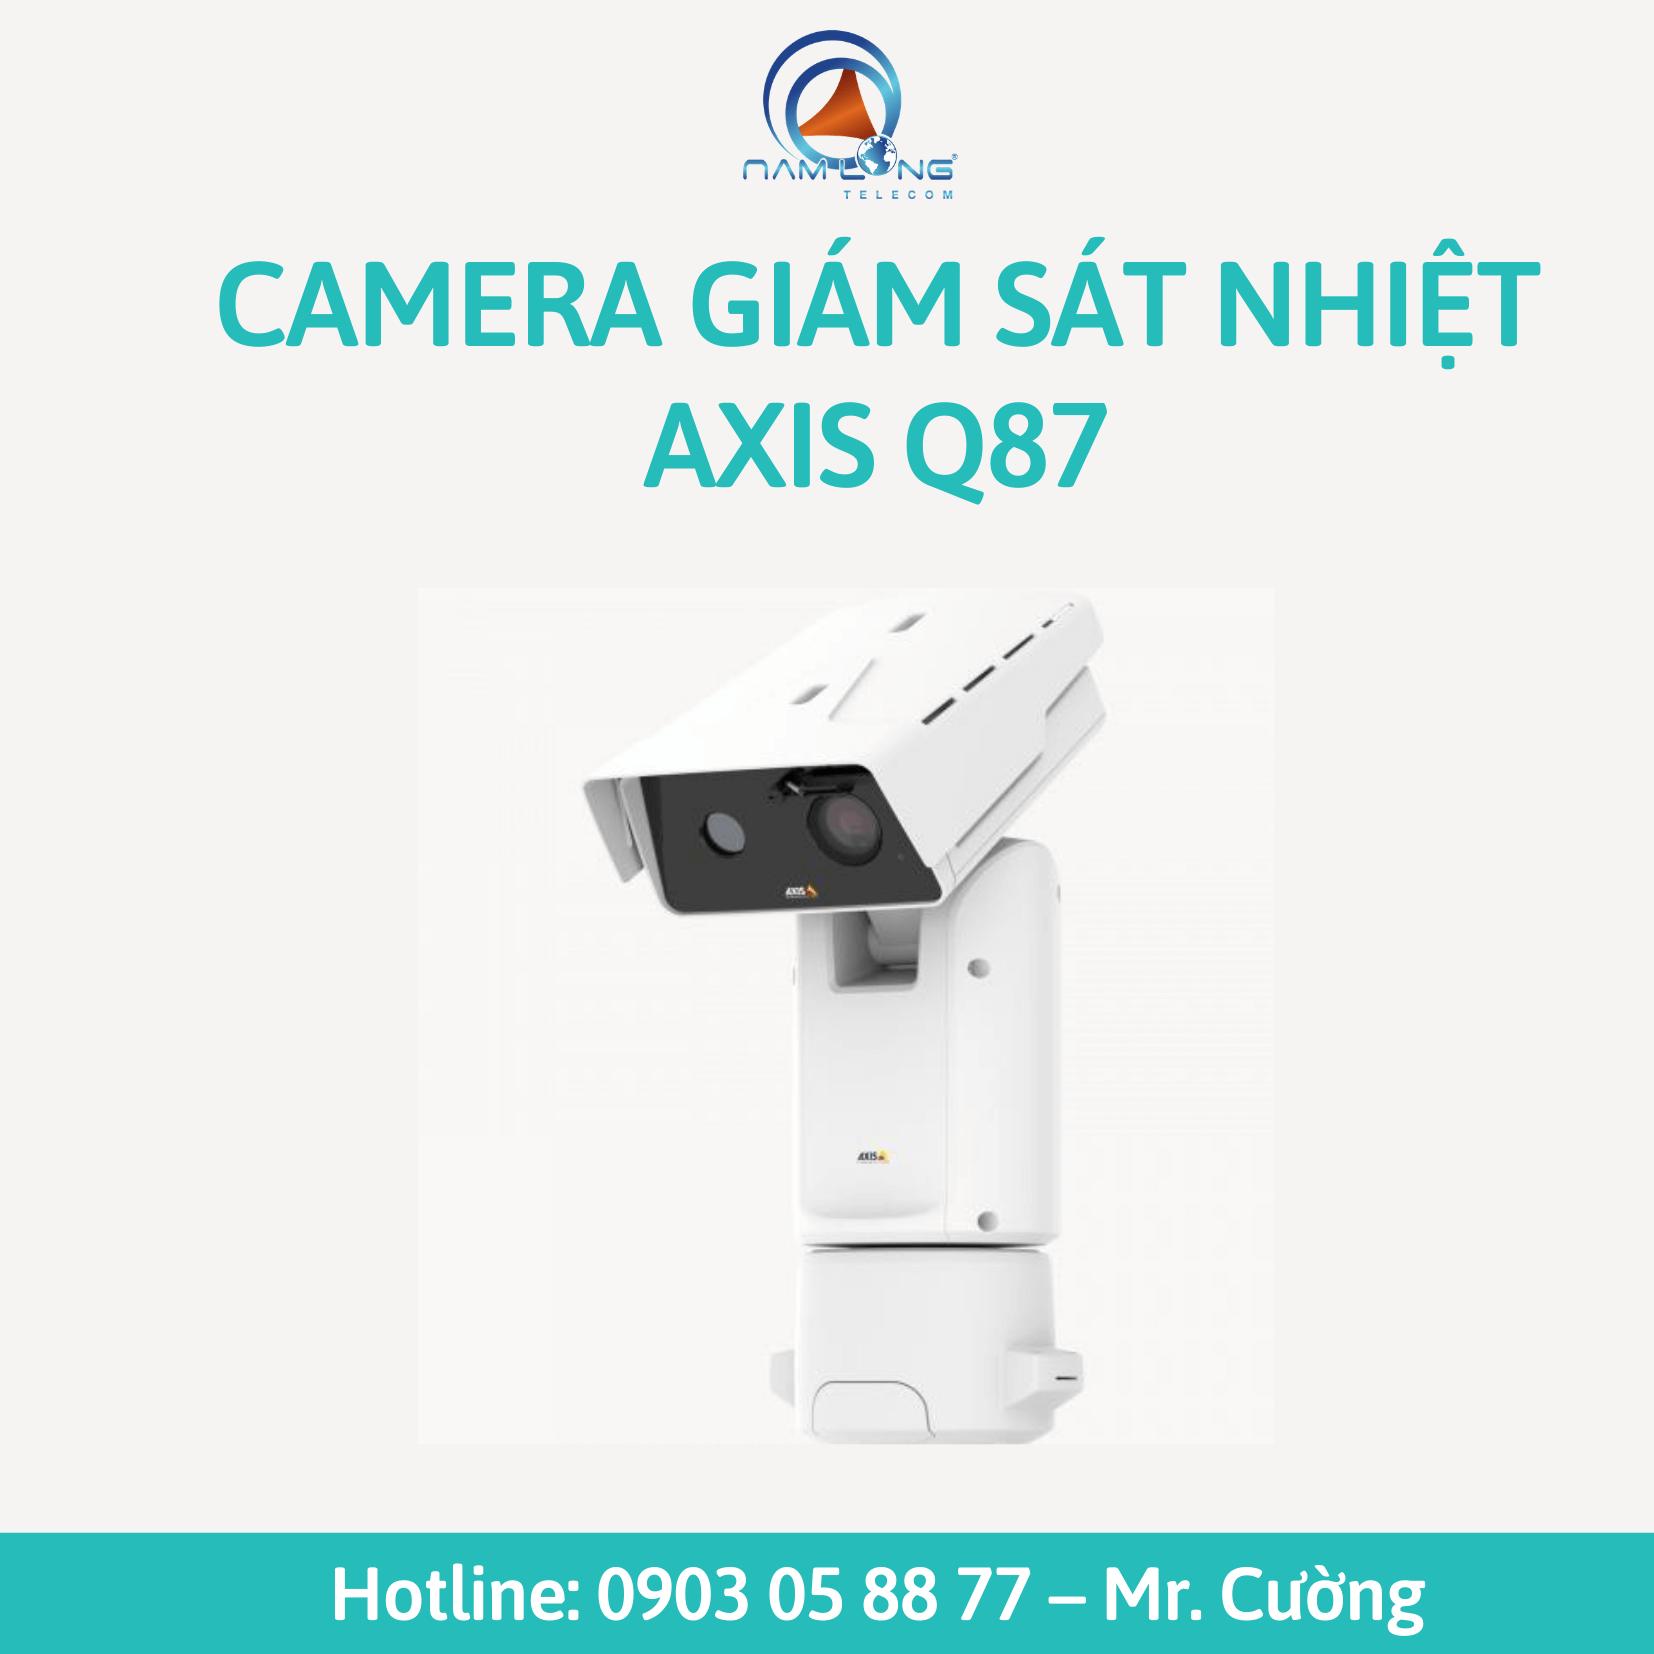 Camera giám sát nhiệt AXIS Q87 | Trải nghiệm khả năng quan sát bất kể ngày đêm